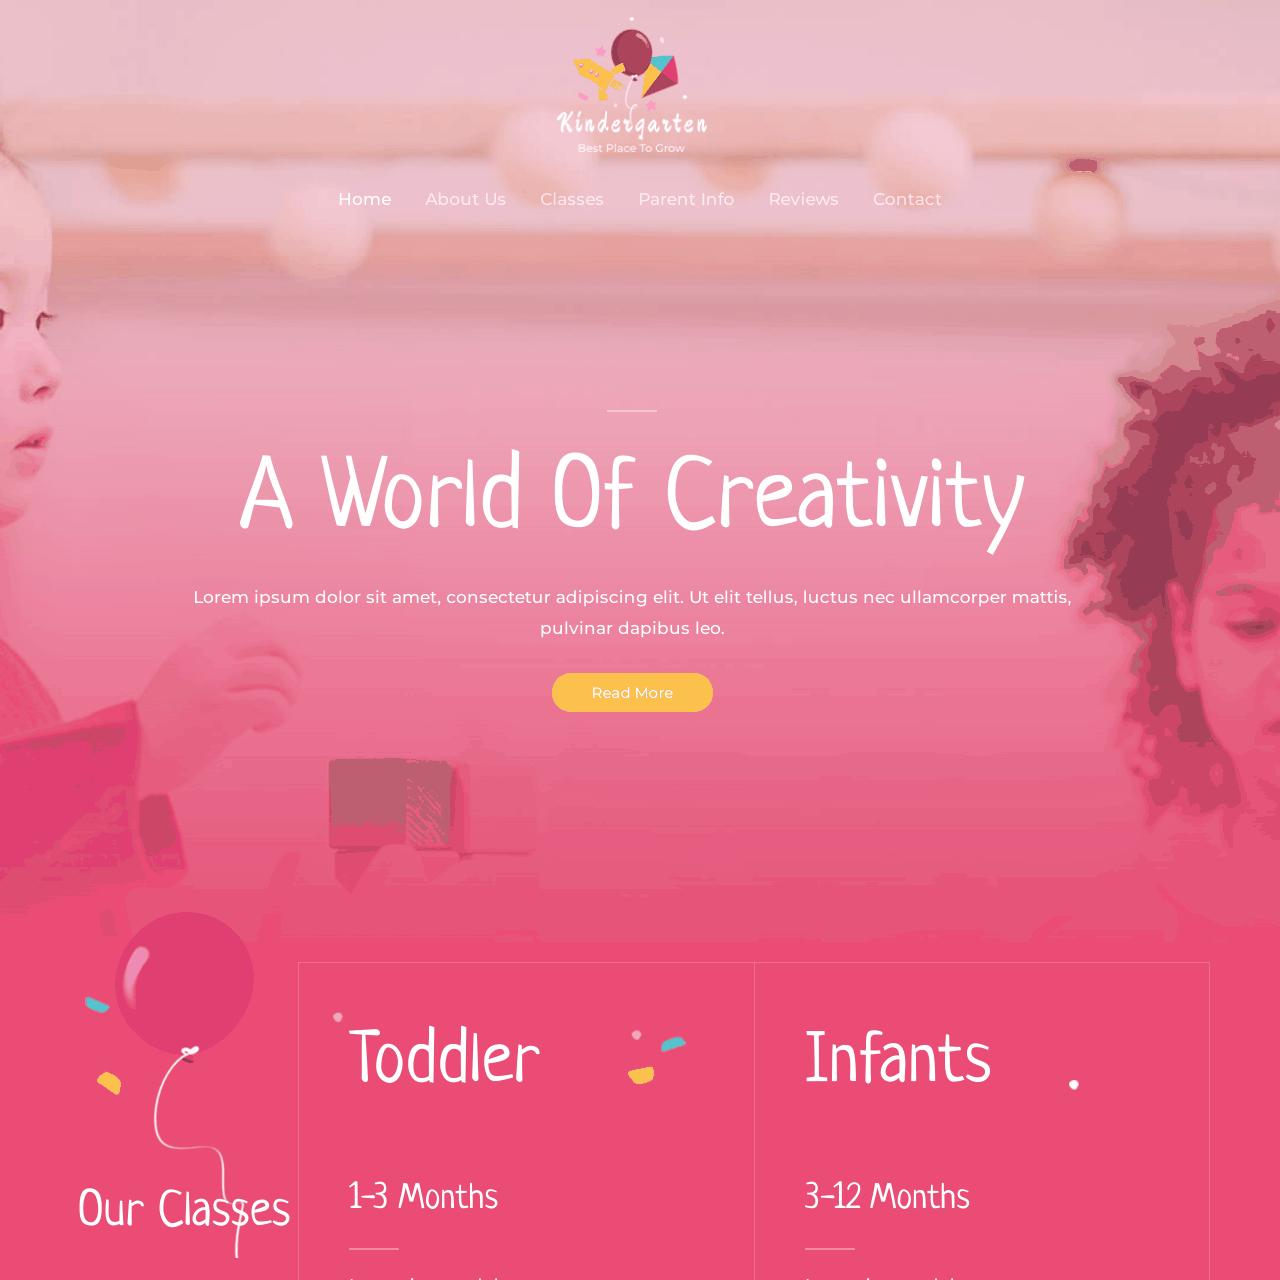 school_kindergarten-website-design